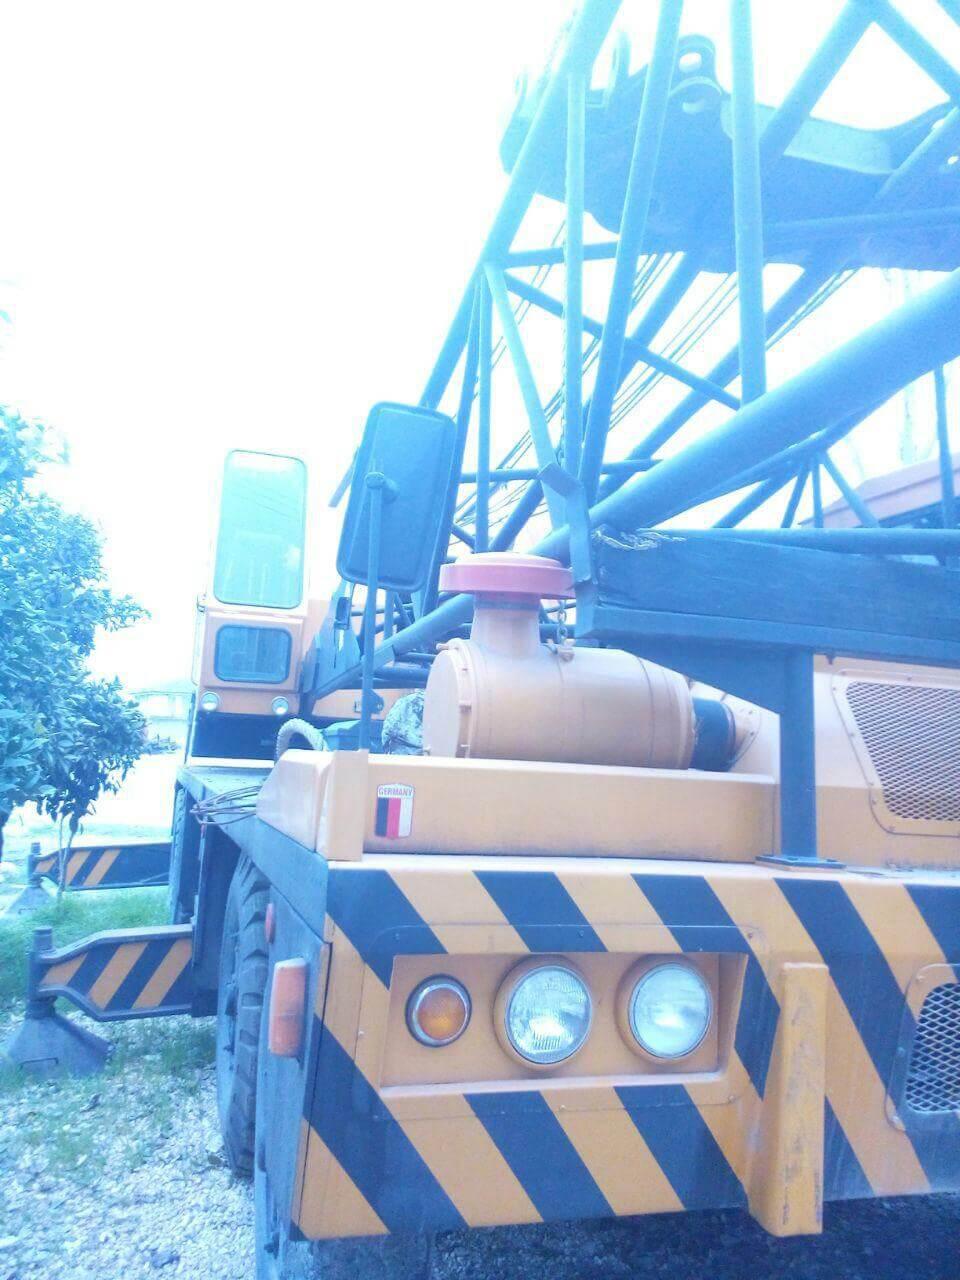 جرثقیل بوم خشک یک دستگاه جرثقیل بوم خشک 140 تن  با چرخ های لاستیکی و 53 متر دکل 1 1